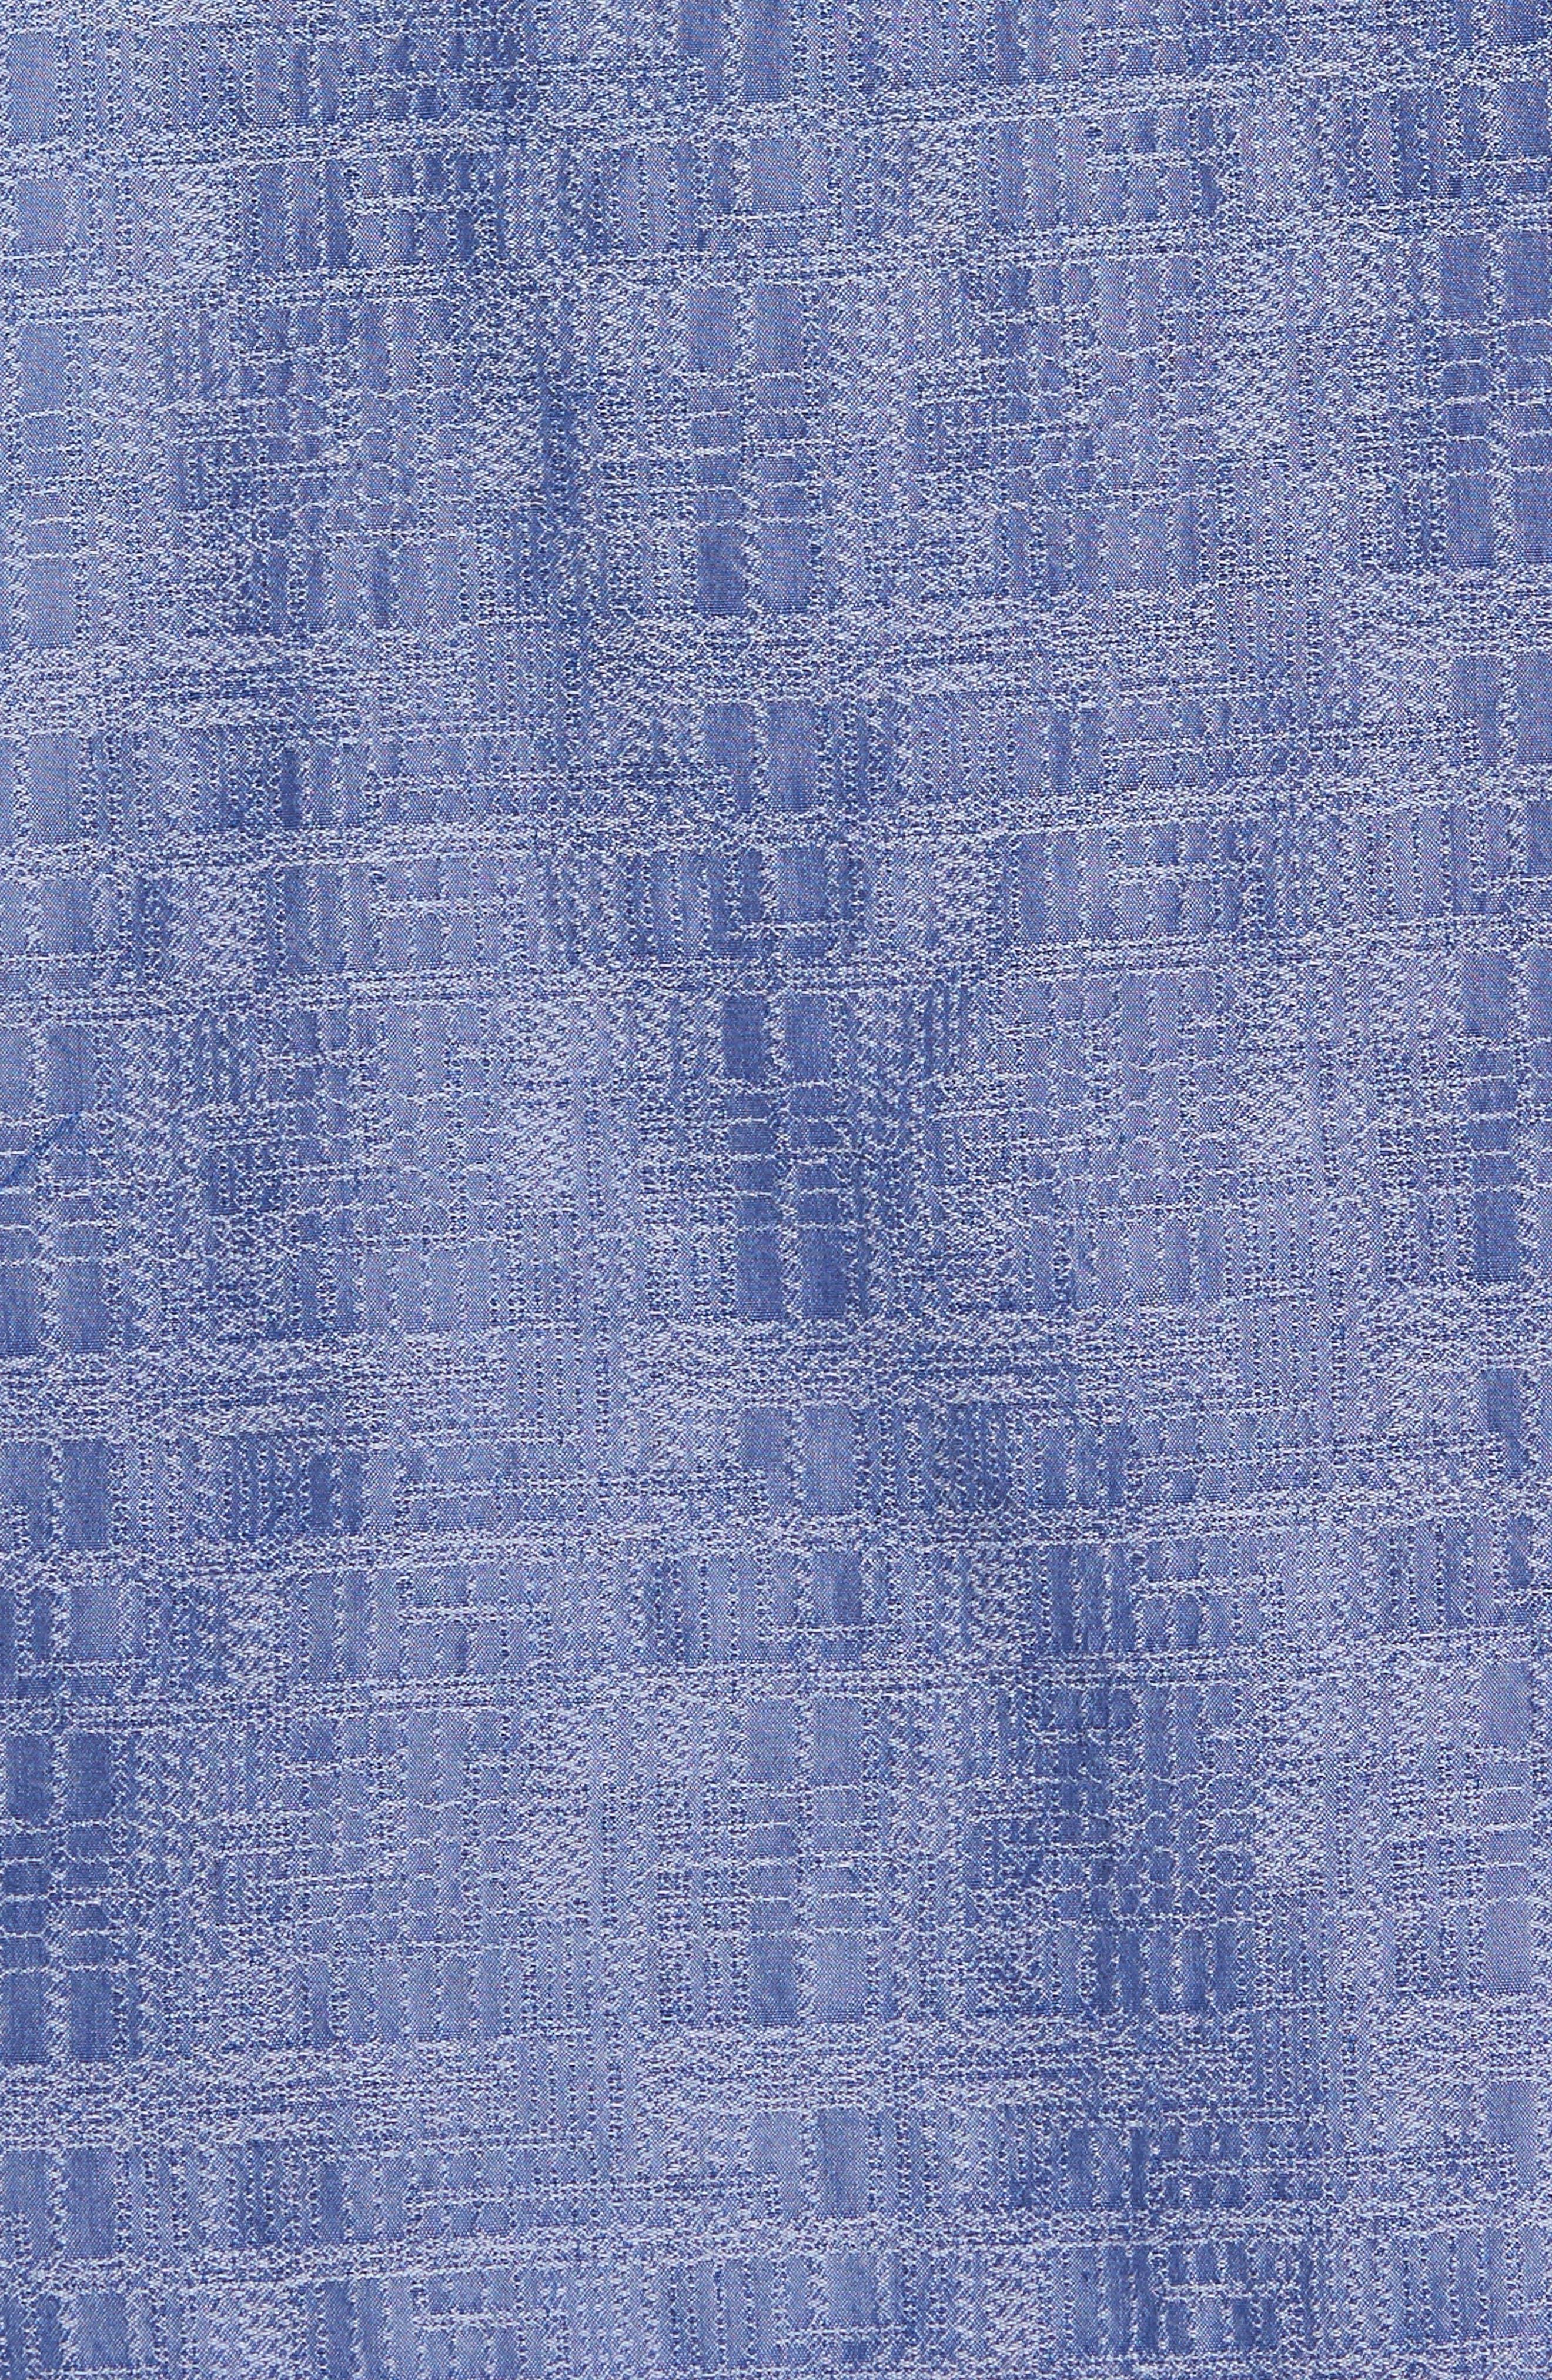 Oceanside Woven Shirt,                             Alternate thumbnail 5, color,                             Sanibel Blue